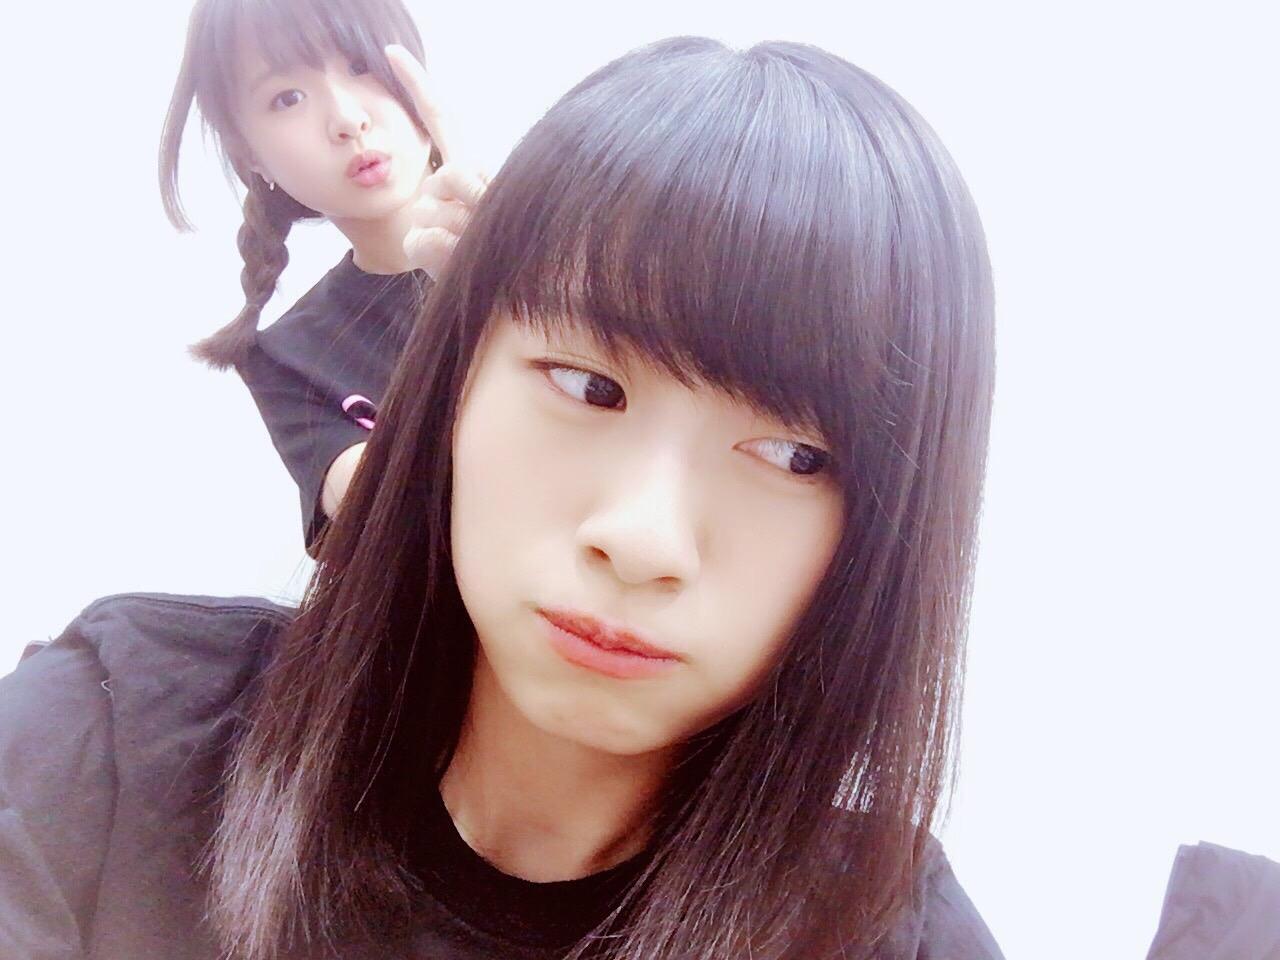 コハル (ポケットモンスター・テレビアニメ第7シリーズ)の画像 p1_36